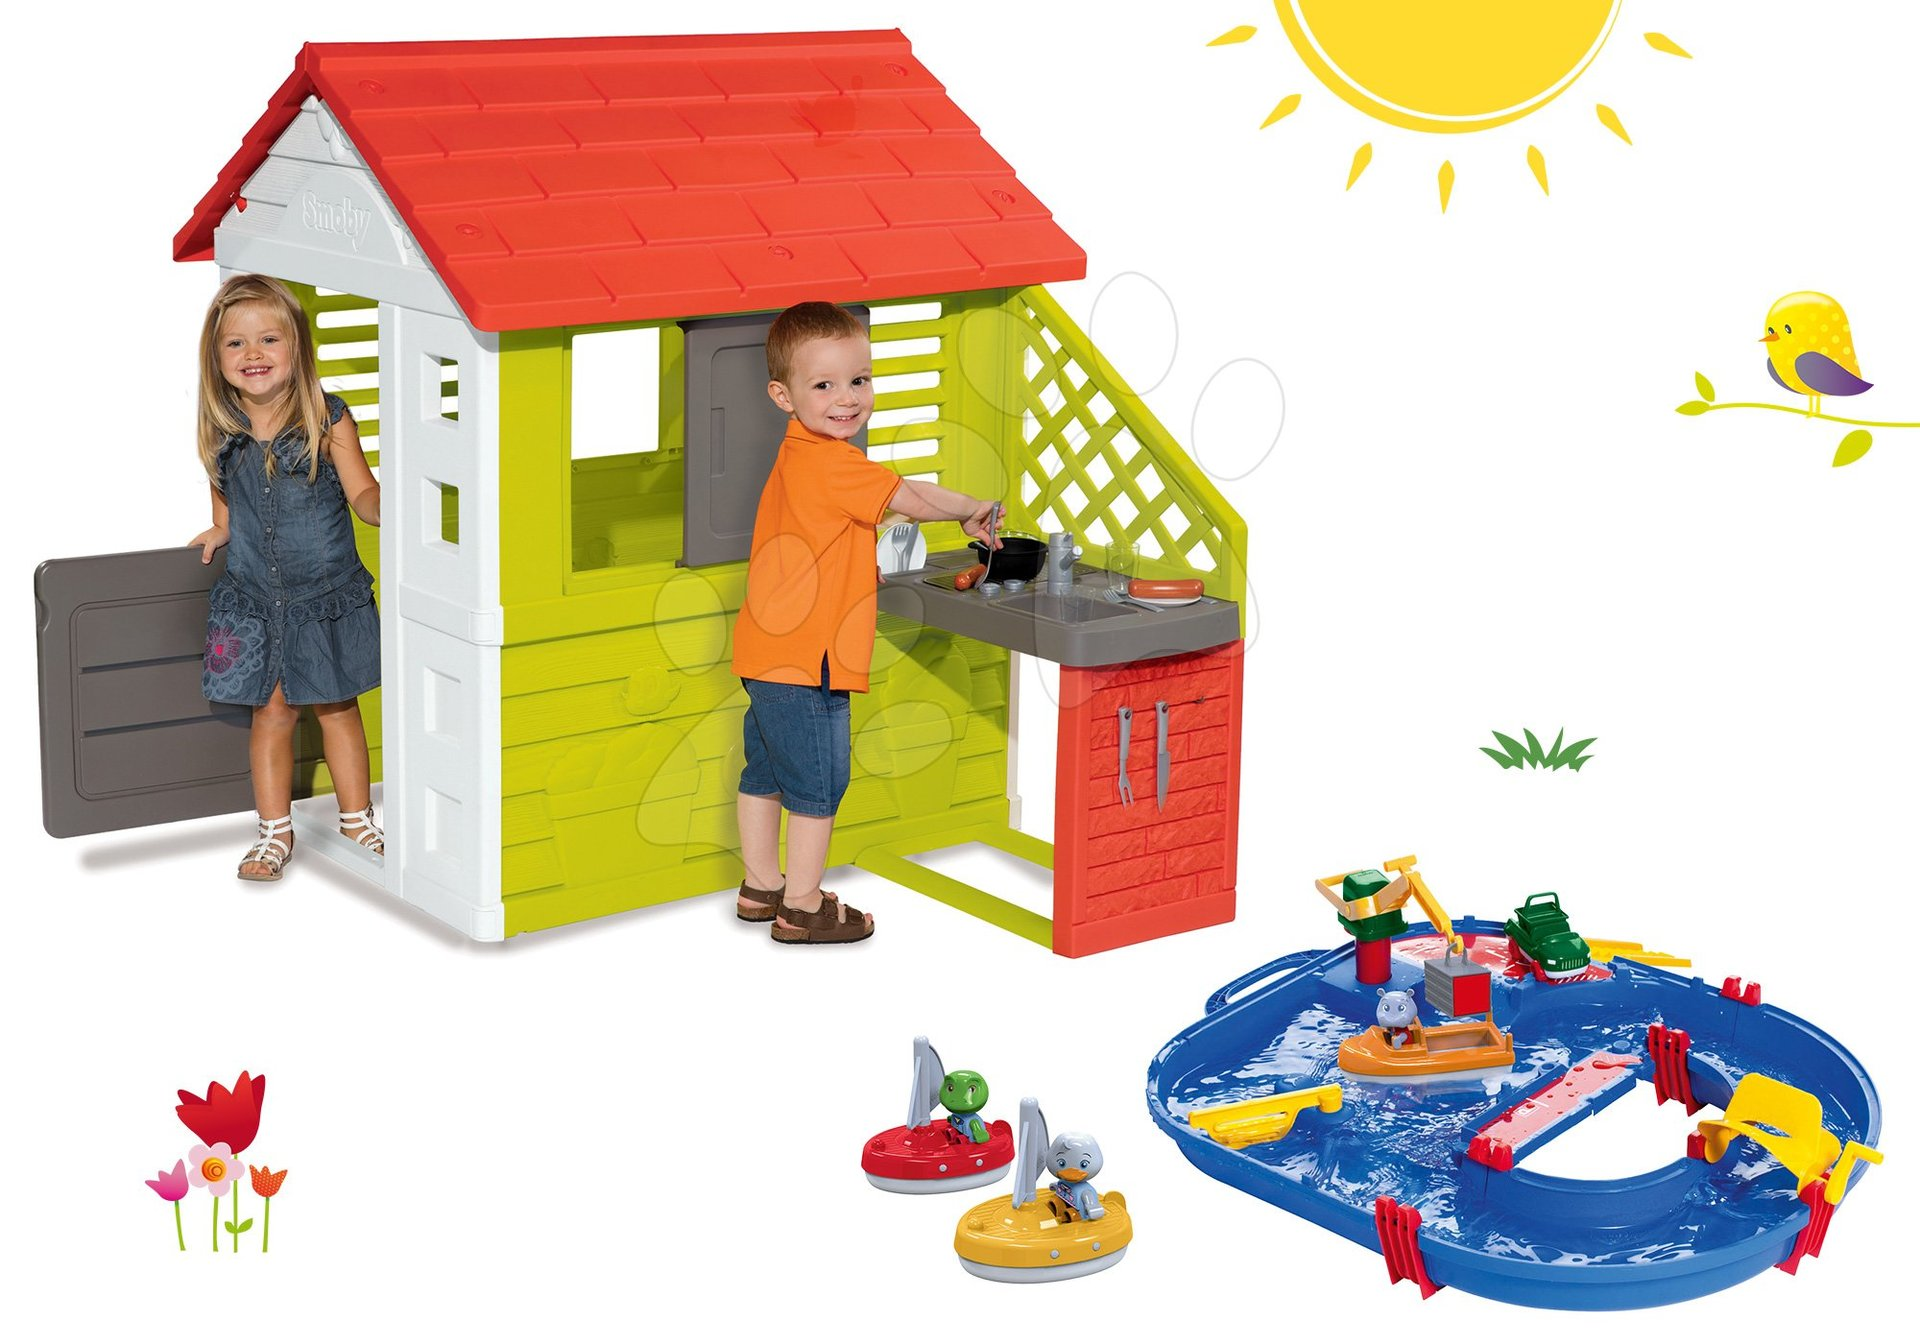 Smoby set domček Pretty Nature s letnou kuchynkou a vodná dráha AquaPlay s kontajnerovou loďou a 2 loďkami 81072-31